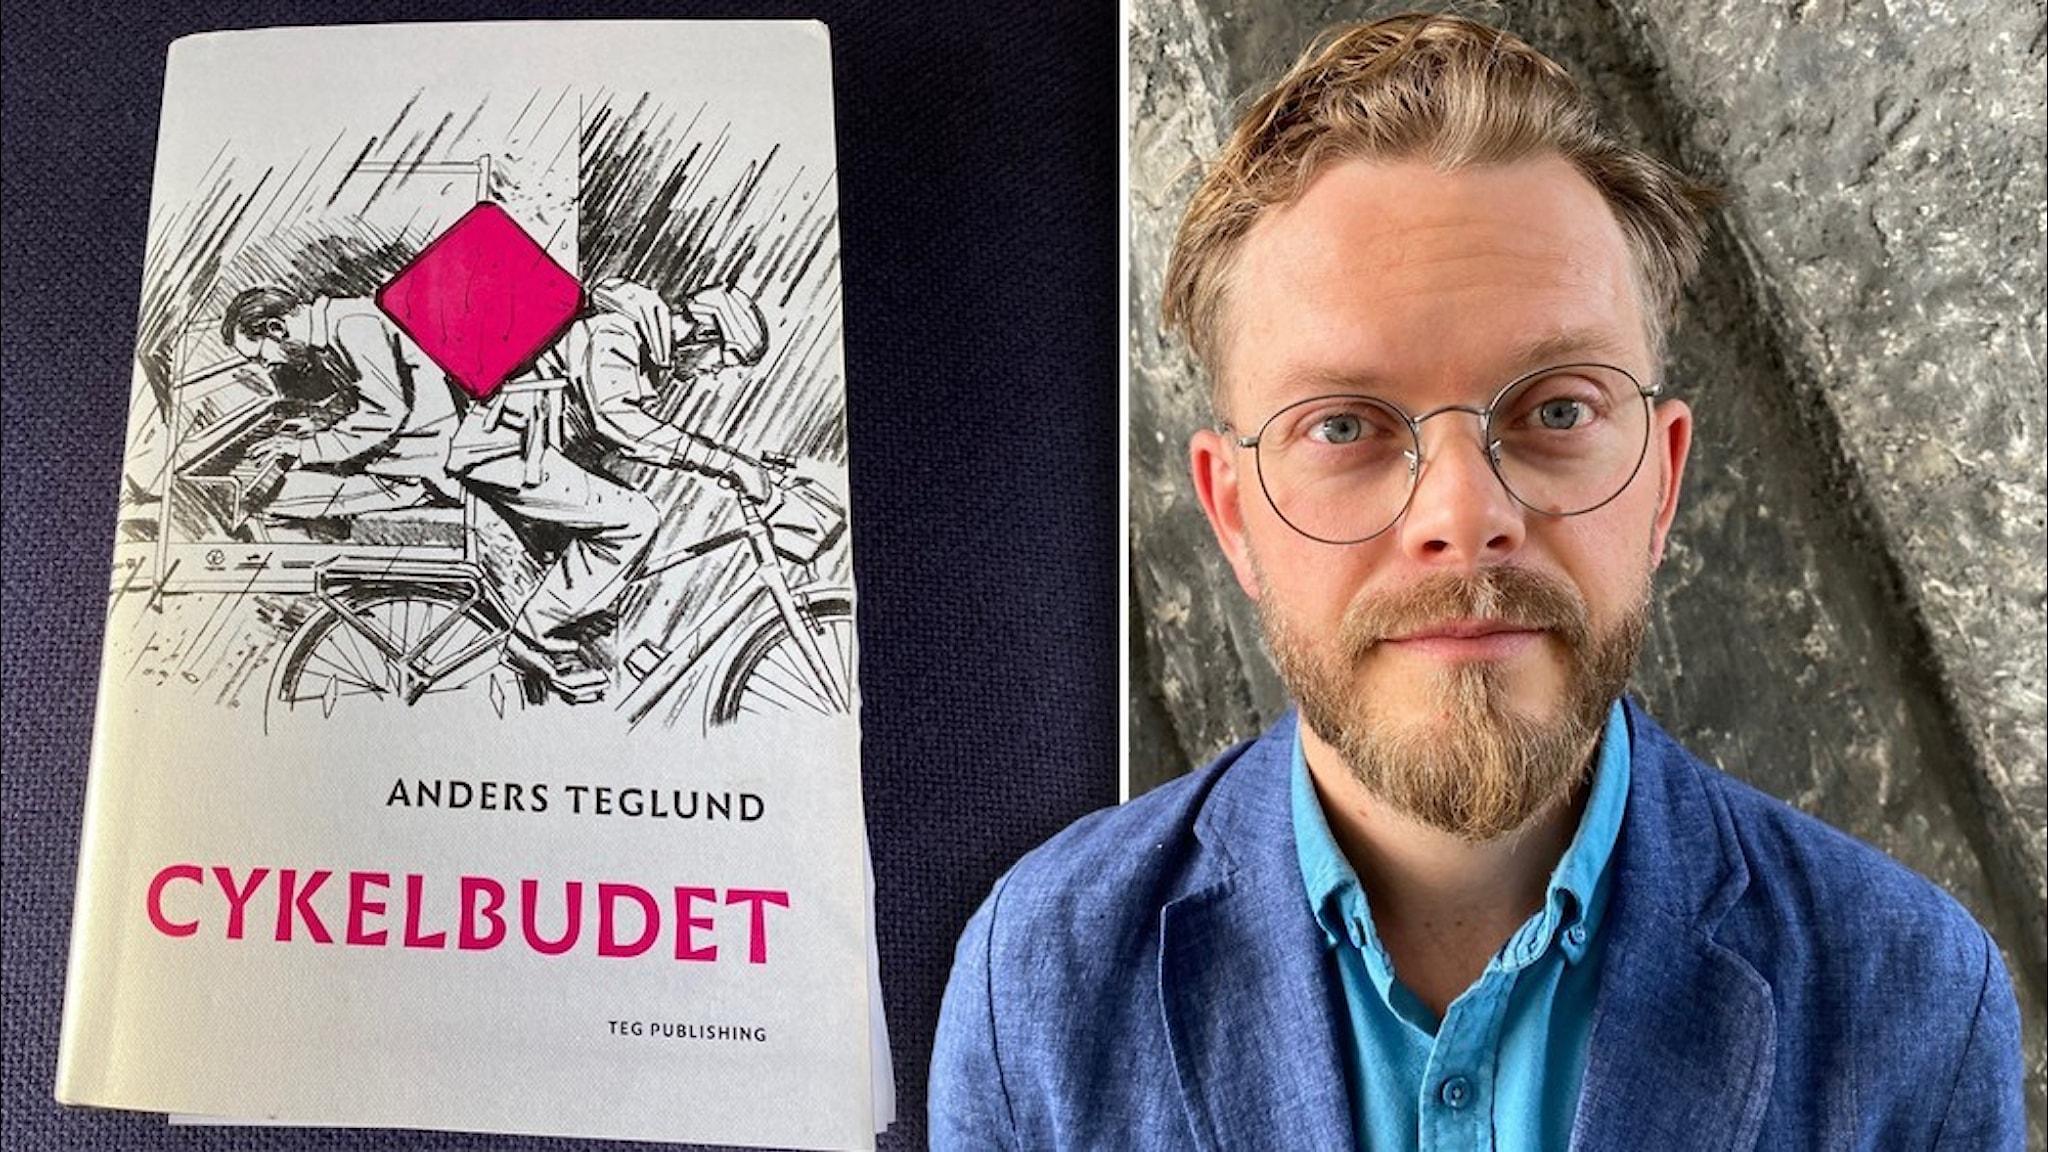 Porträtt av författaren Anders Teglund klädd i blå kavaj och och blå skjorta utan slips samt hans bok cykelbudet med ett tecknat bud på omslaget med en rosa kvadratisk väska på ryggen.